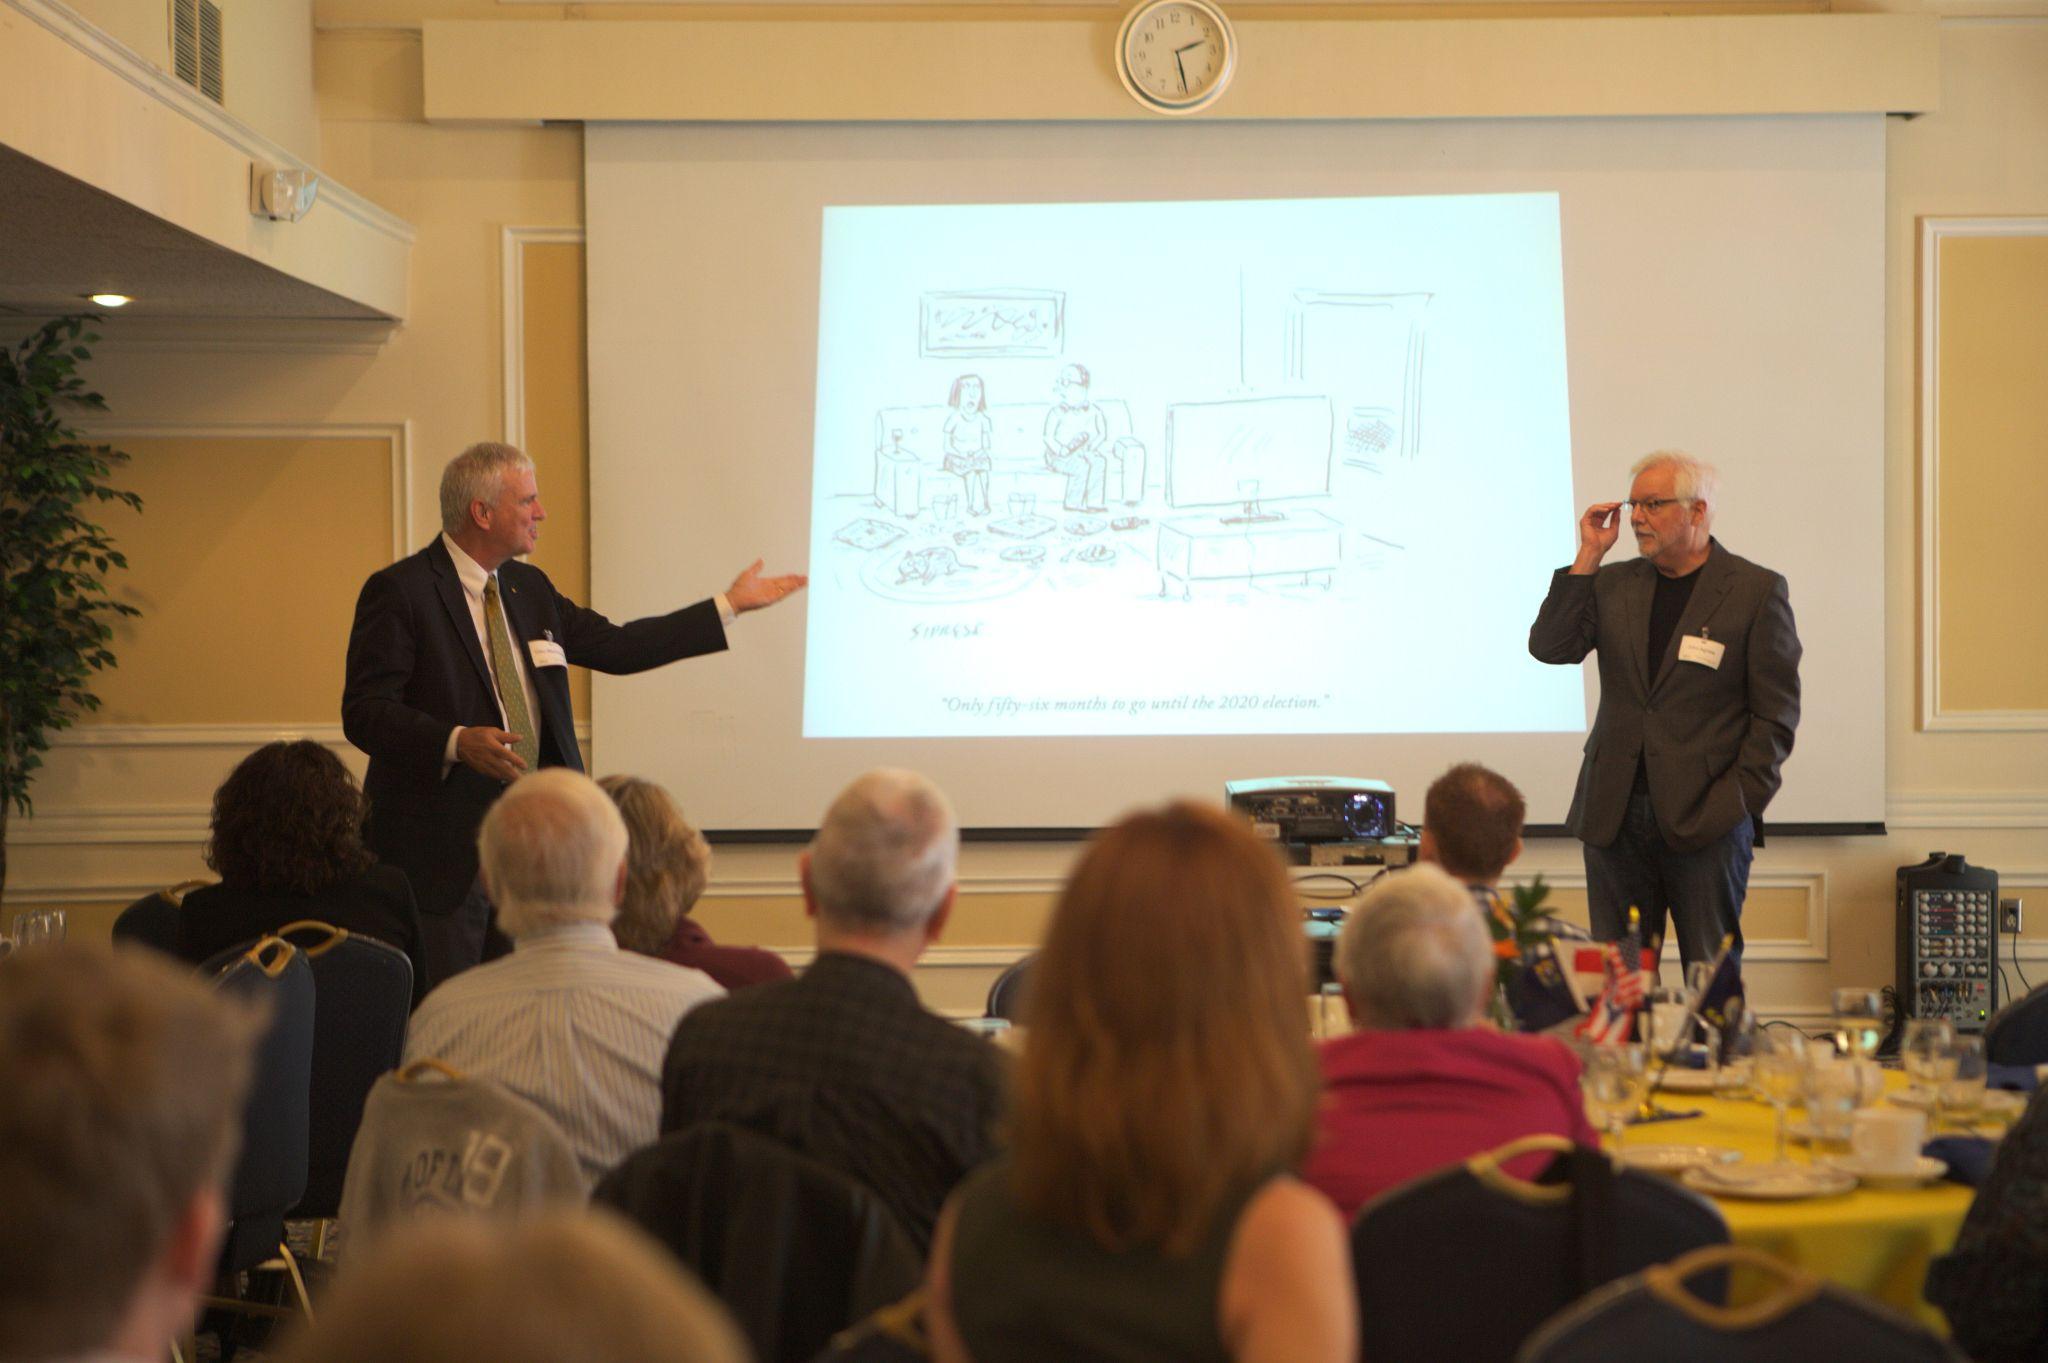 Professor MacDonald and Professor Agnew